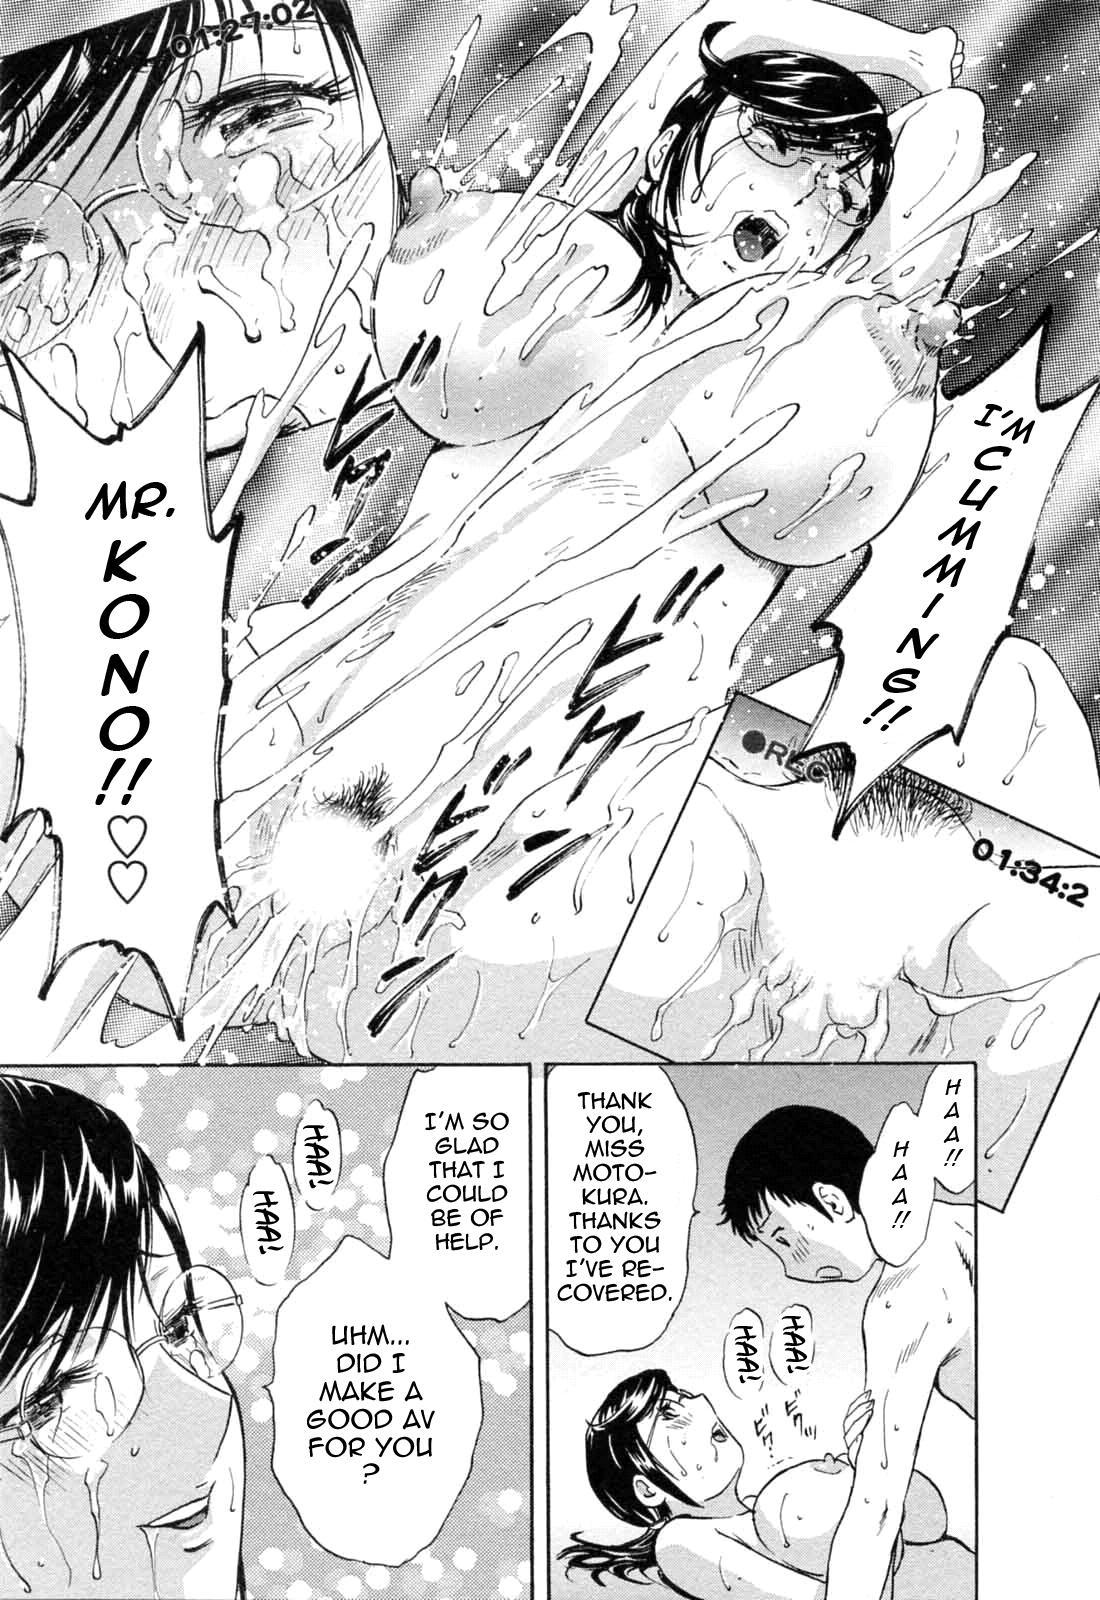 [Hidemaru] Mo-Retsu! Boin Sensei (Boing Boing Teacher) Vol.5 [English] [4dawgz] [Tadanohito] 110